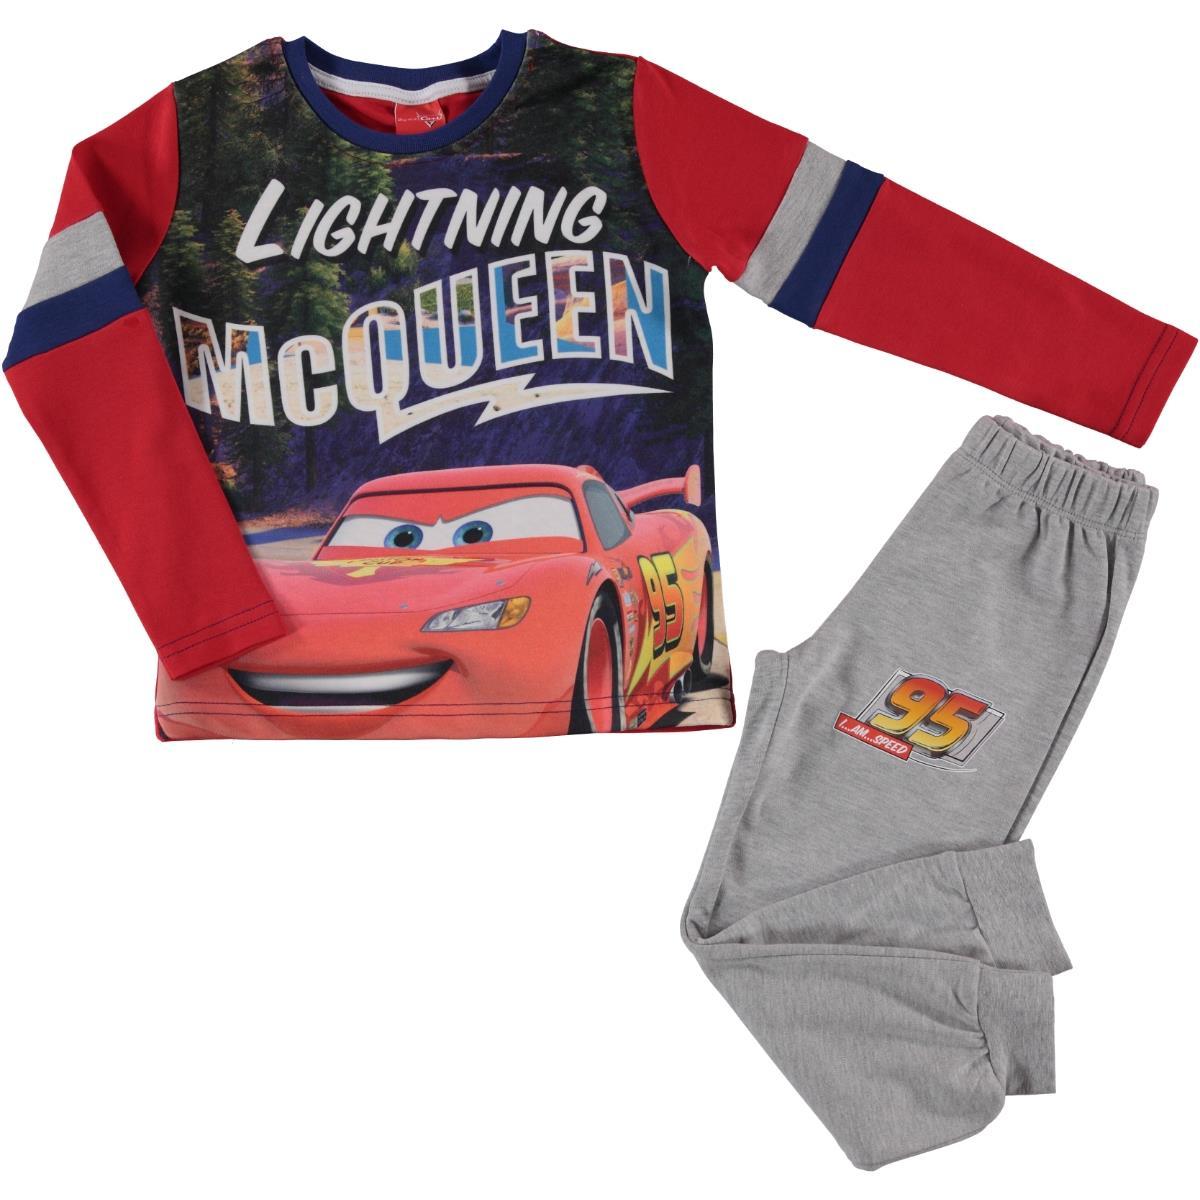 çimpa Cr9255 Kir şimşek Mcqueen Lisanslı Penye Pijama Takımı 4 9 Yaş